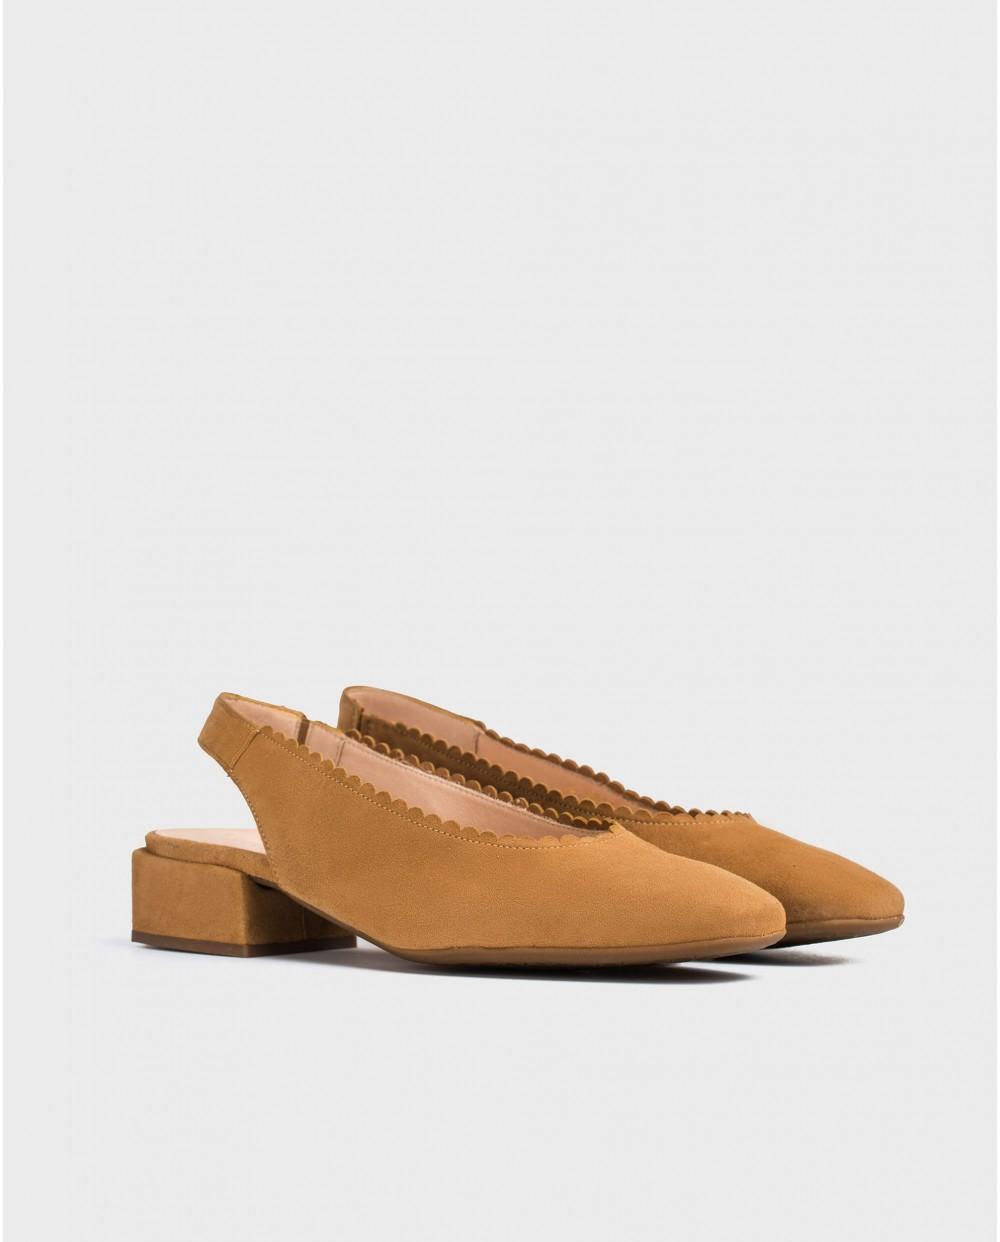 Wonders-Zapatos planos-Zapatos de piel detalle circular